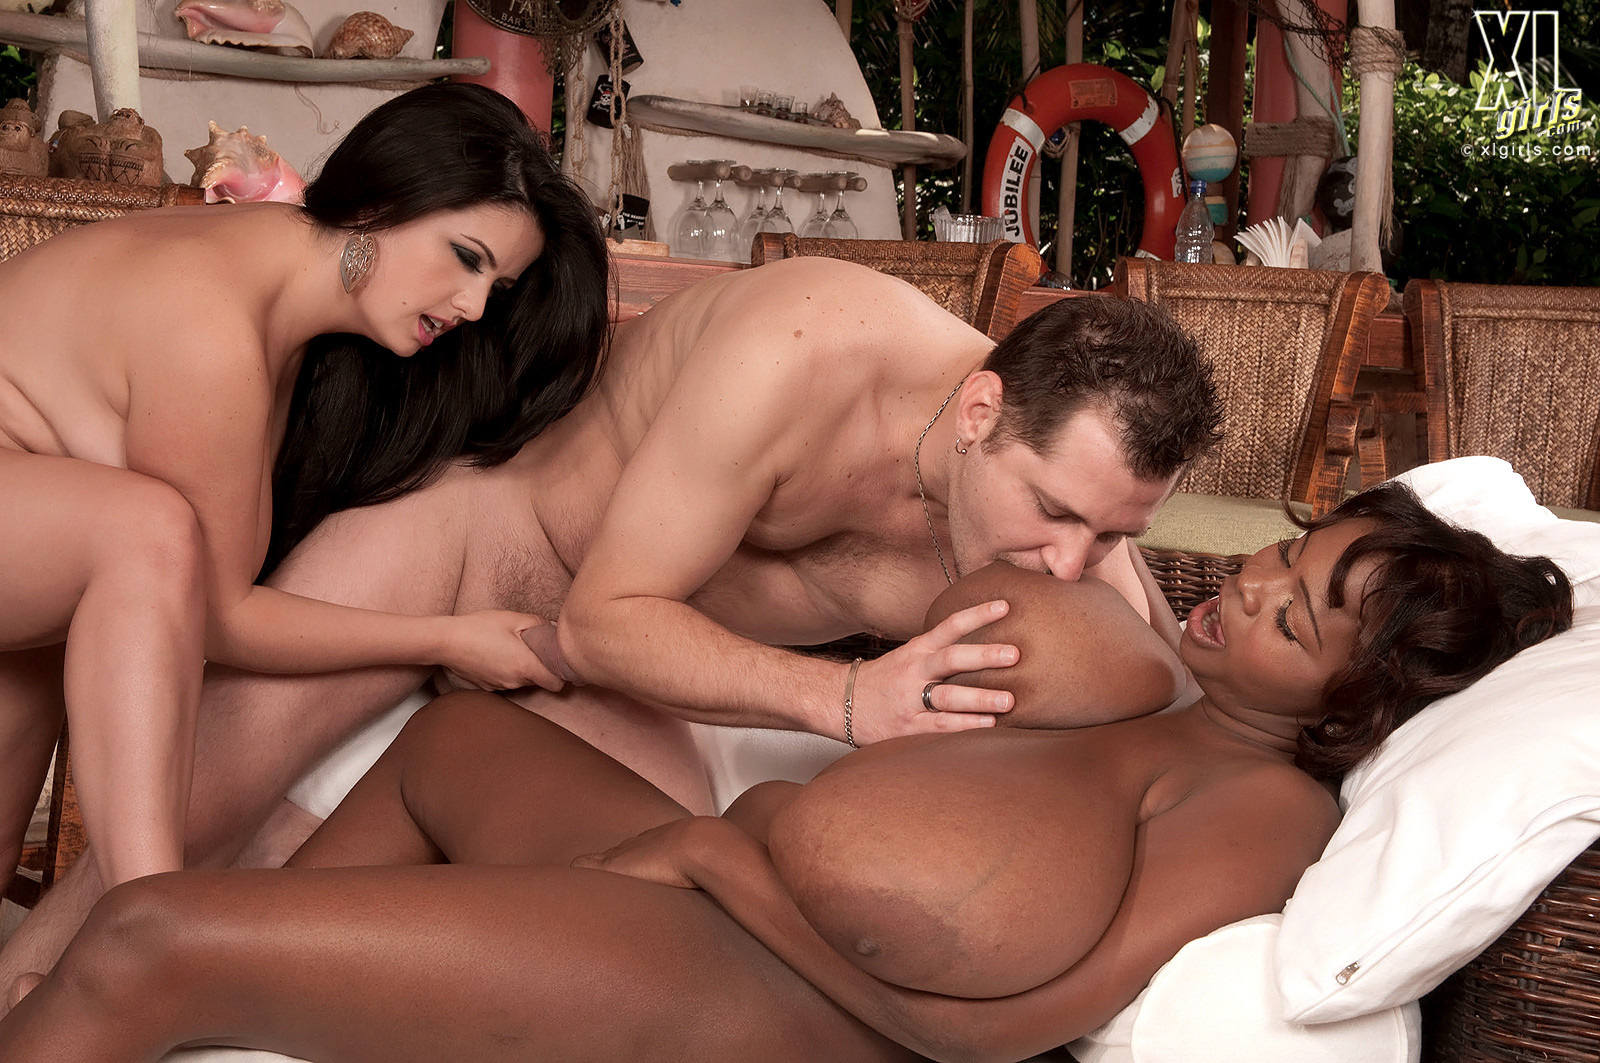 Две пышнотелые дамочки Адрианна Синн и ее подруга трахаются с ненасытными белыми парнями